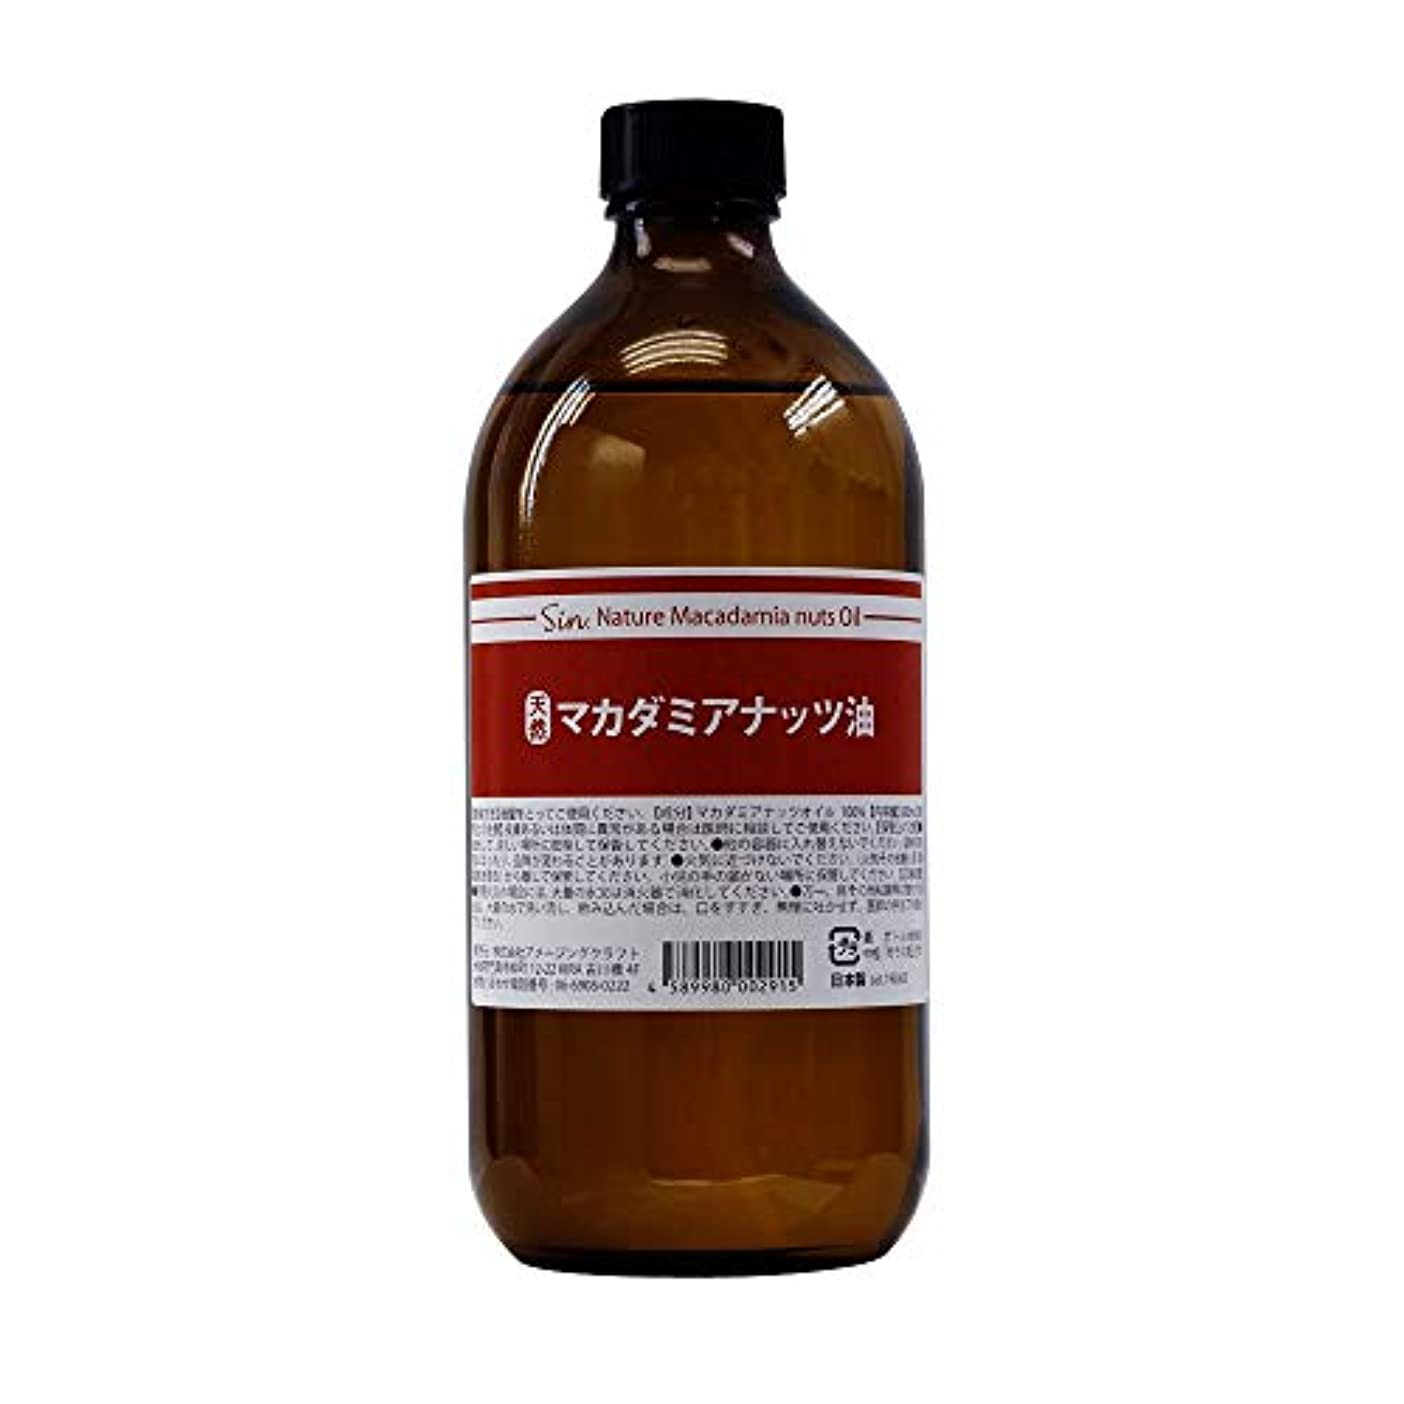 有料冷酷なひまわり天然無添加 国内精製 マカダミアナッツオイル 500ml